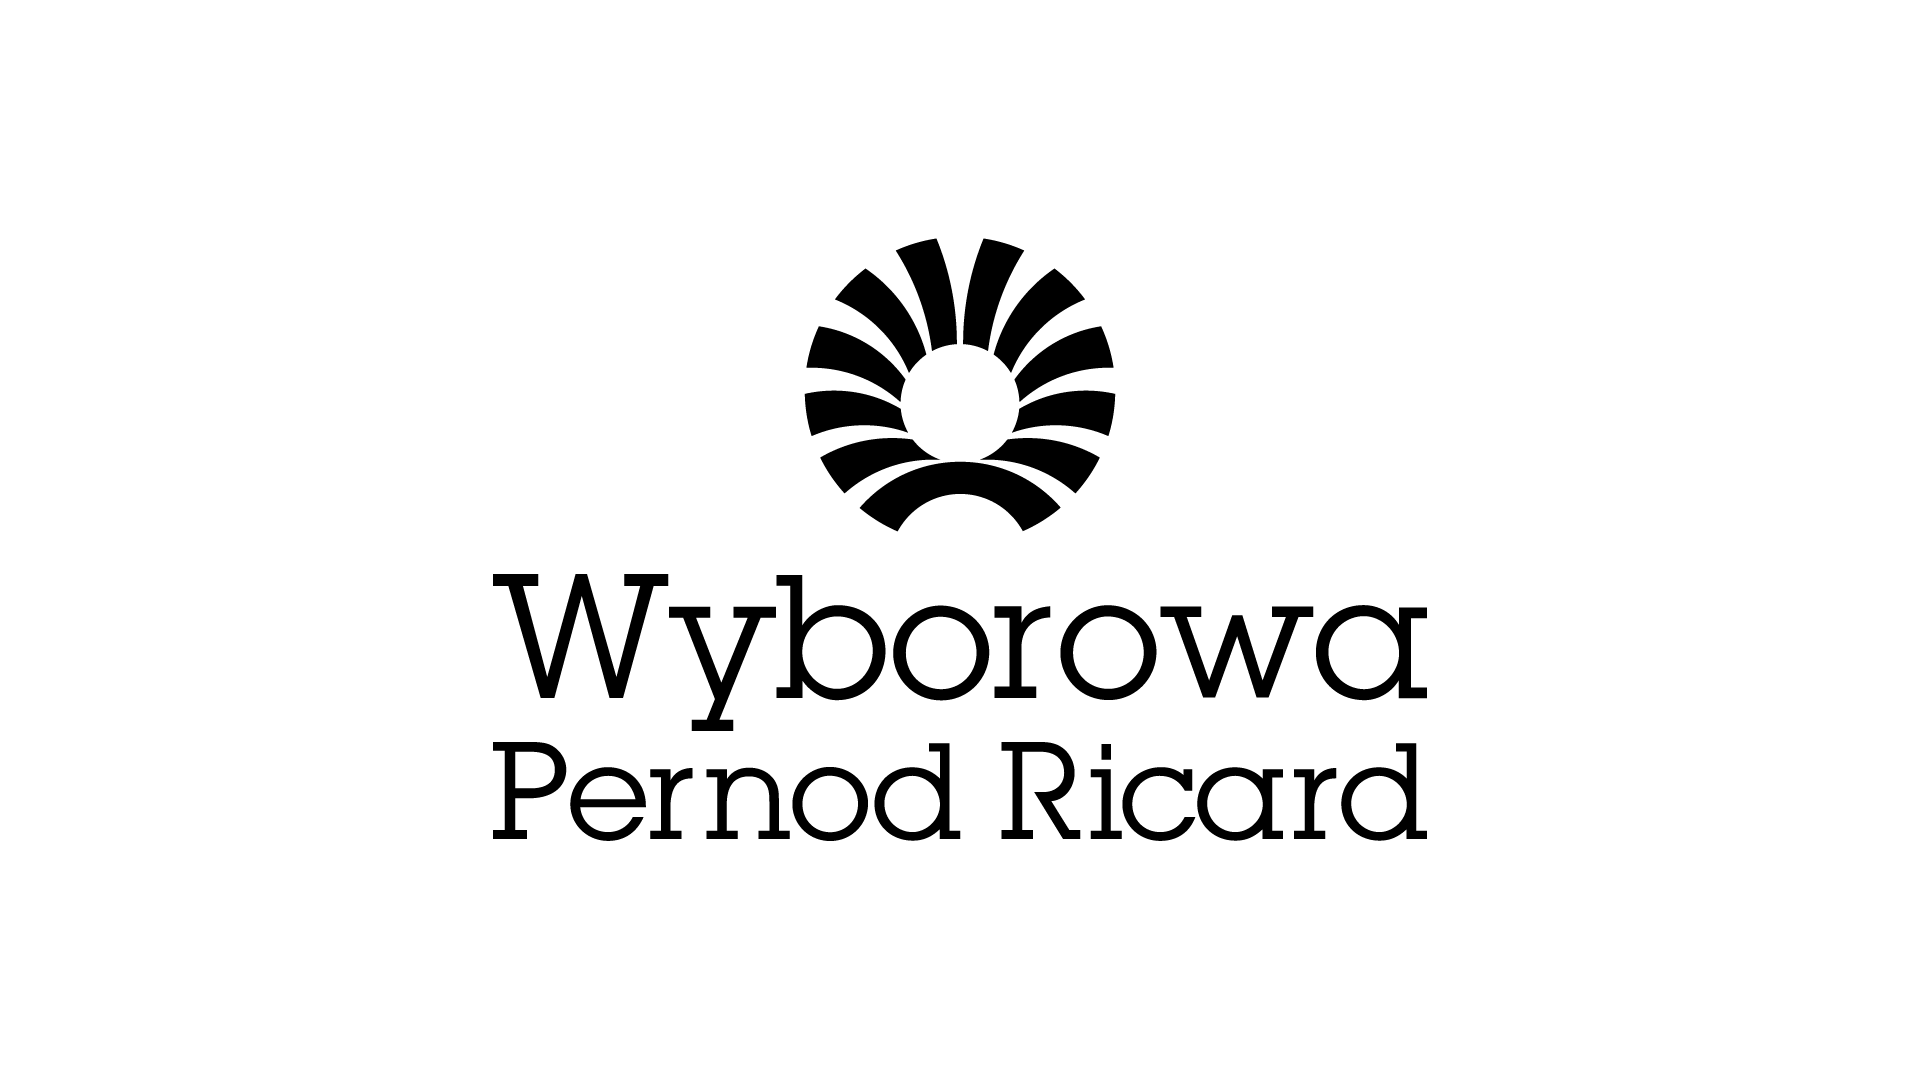 Pernod Ricard logo